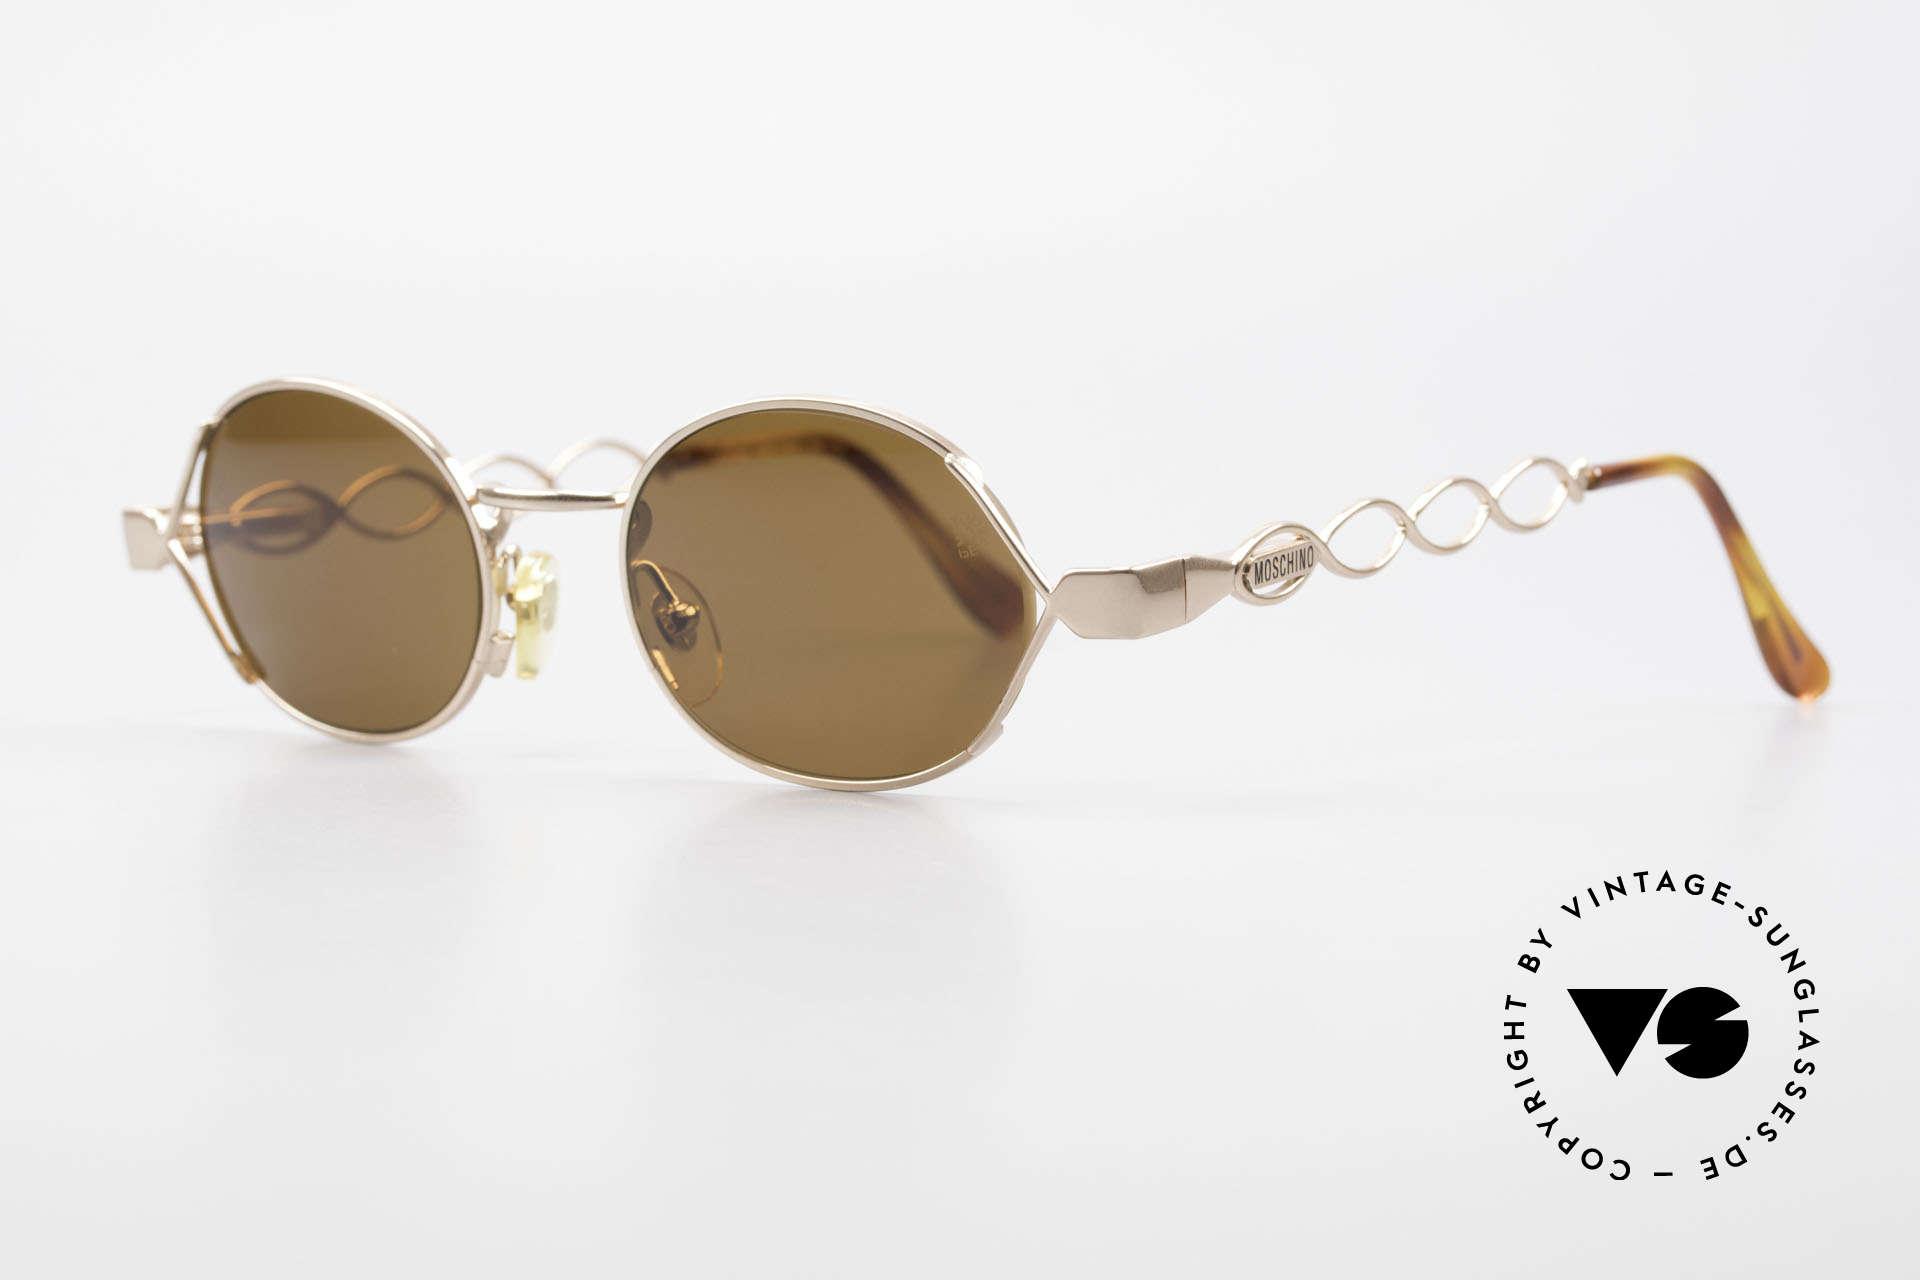 Moschino MM344 Designer Damen Sonnenbrille, Moschino-Kreationen von Persol produziert (90er), Passend für Damen